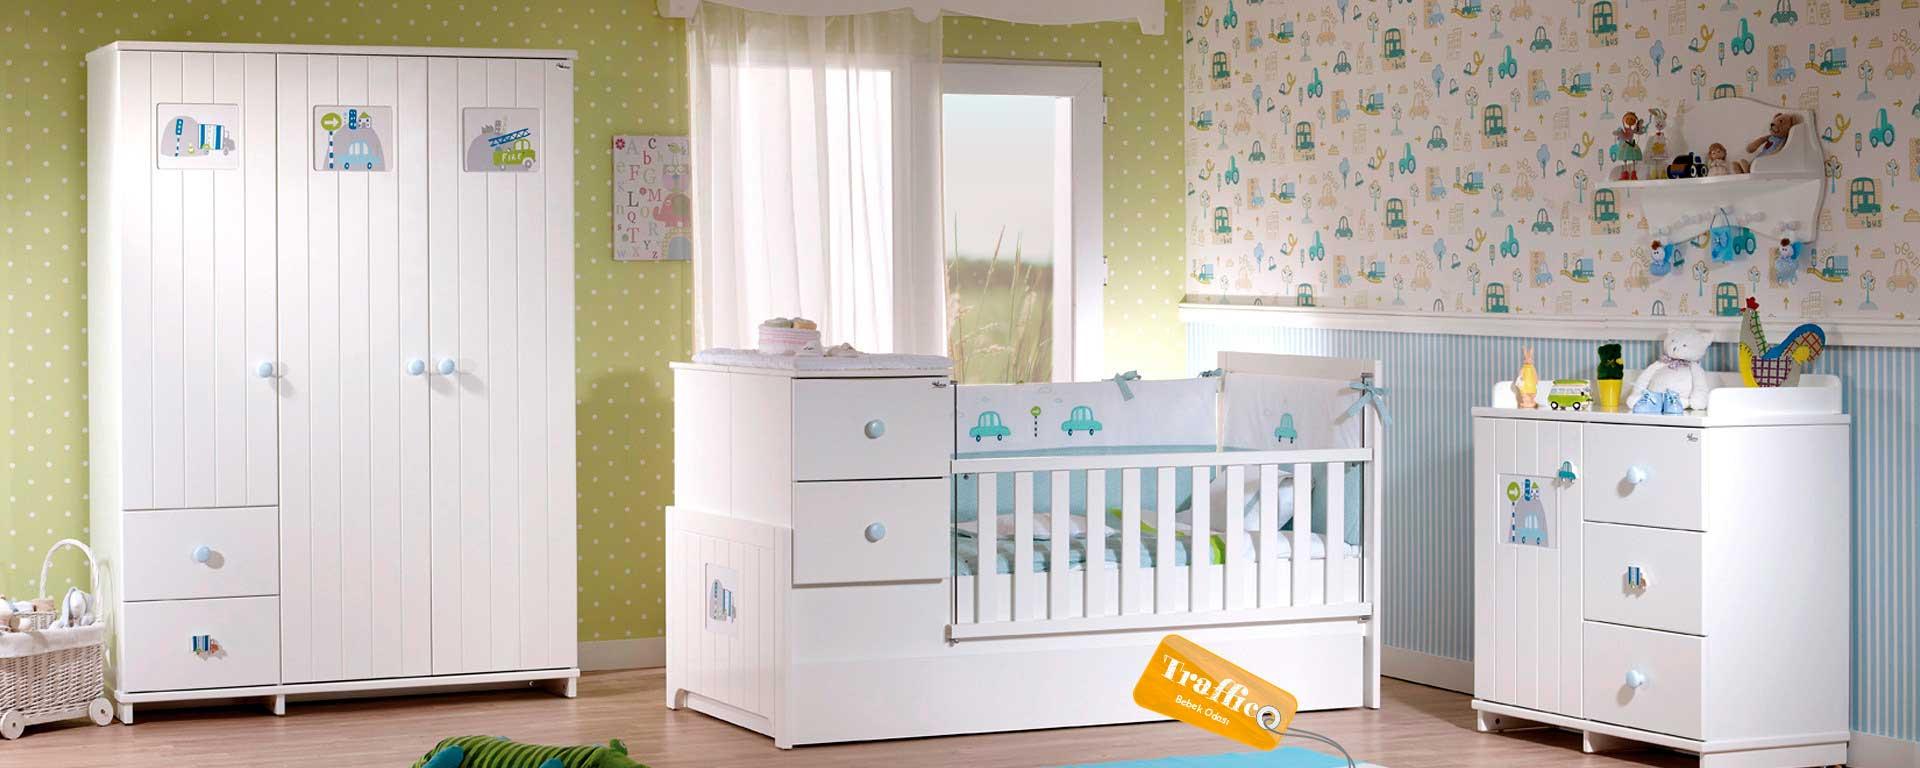 Ремонт детской комнаты для двоих